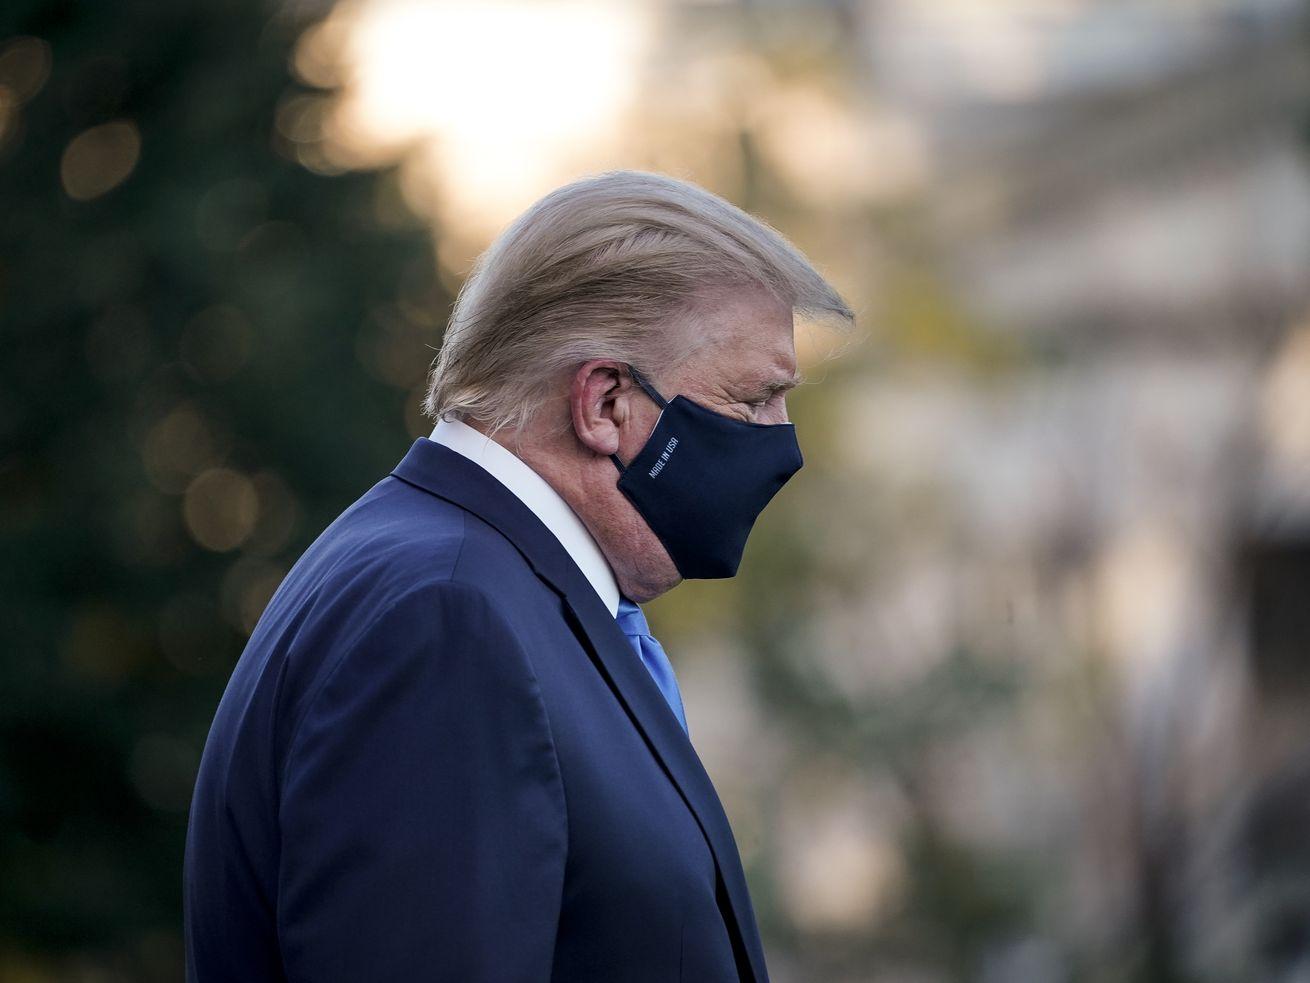 Le président Donald Trump quitte la Maison Blanche pour le centre médical Walter Reed pour se faire soigner pour Covid-19.